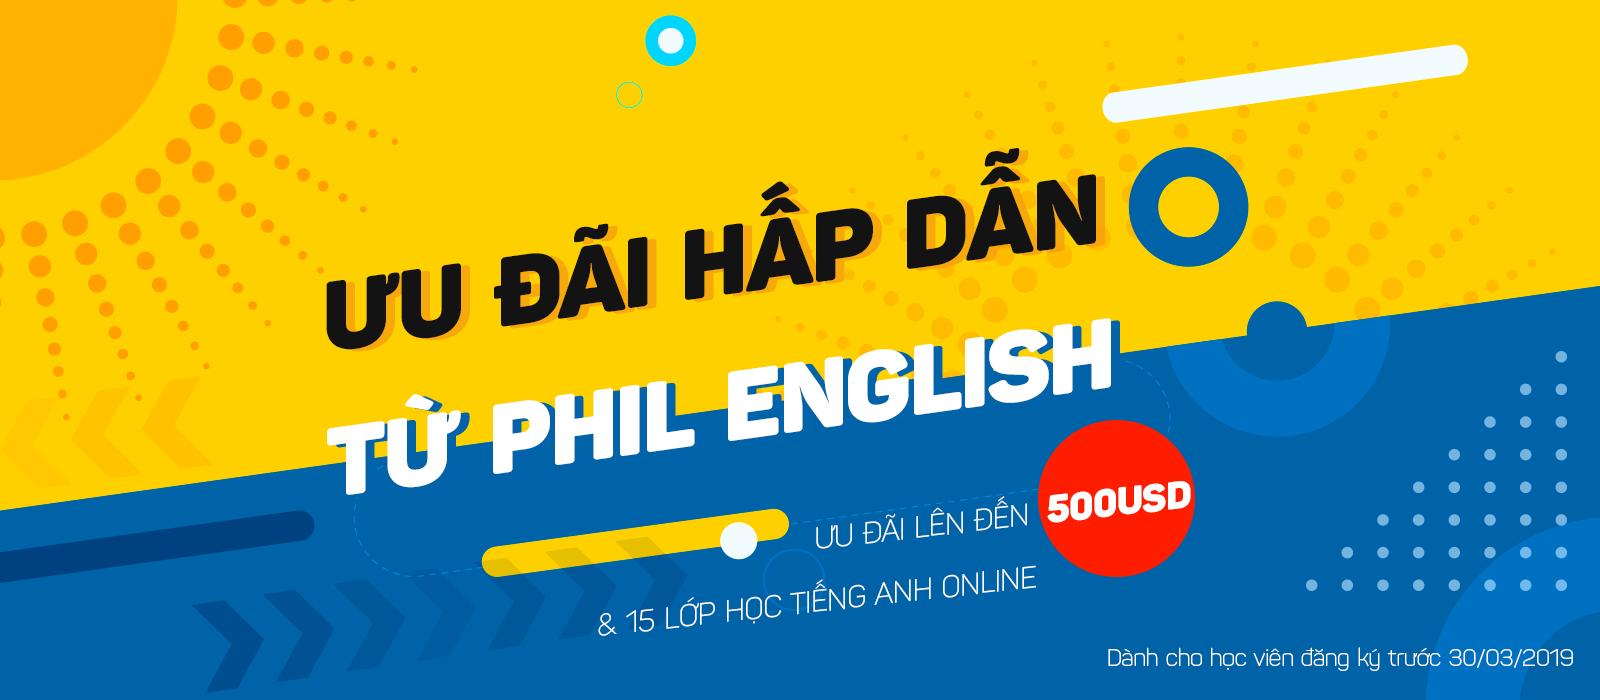 HẤP DẪN VỚI ƯU ĐÃI ĐẦU NĂM 2019 Phil English